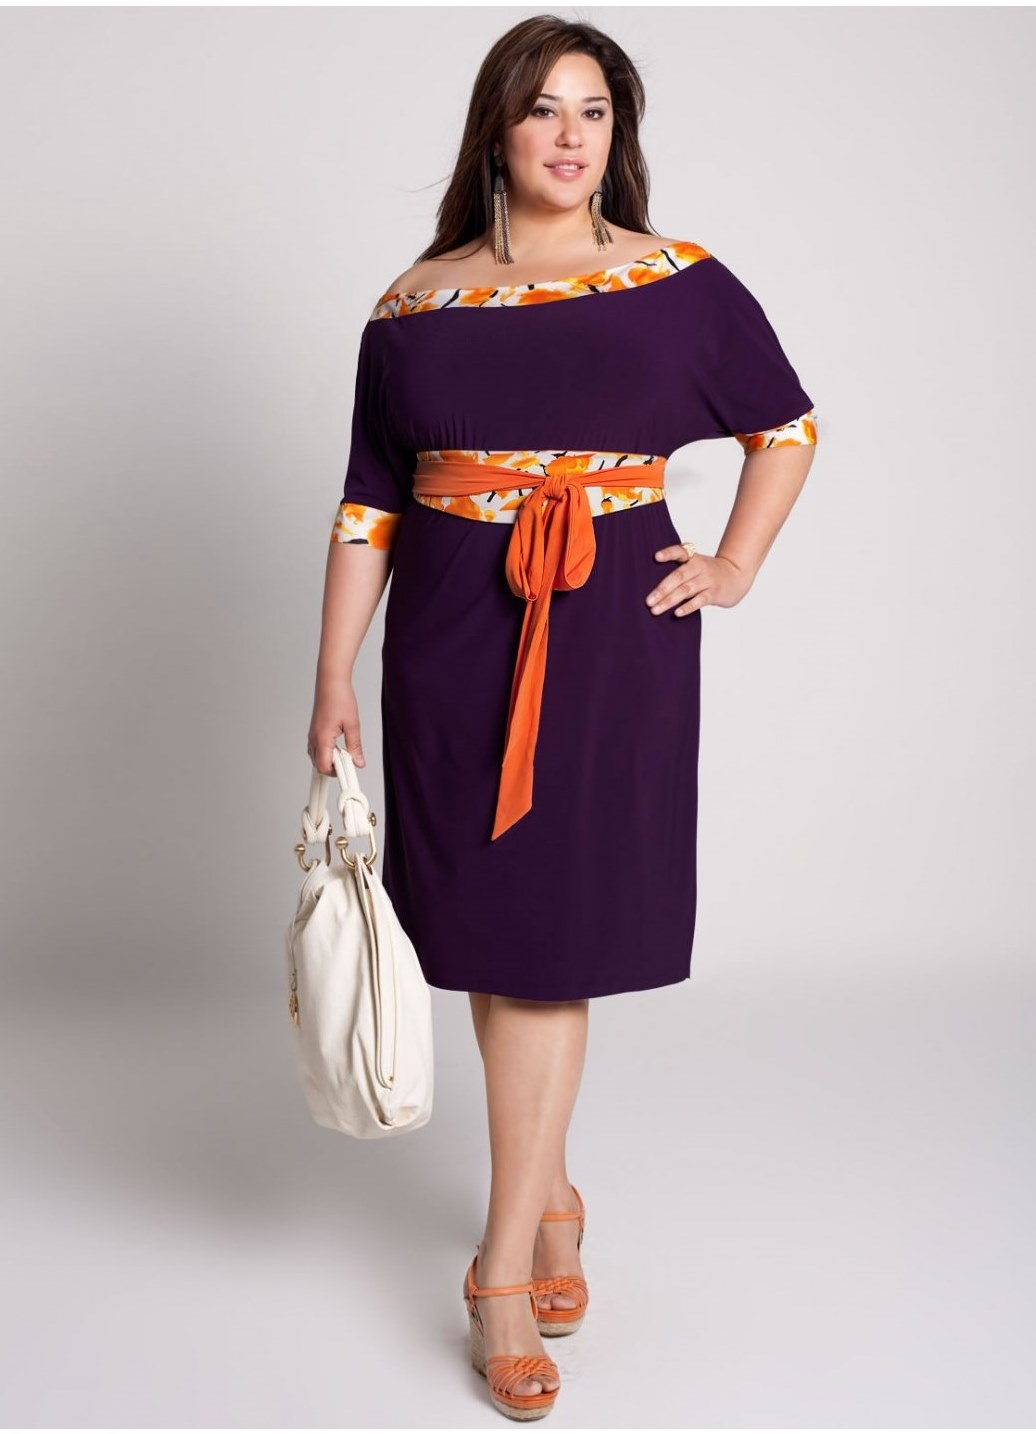 Сшить платье для полной женщины